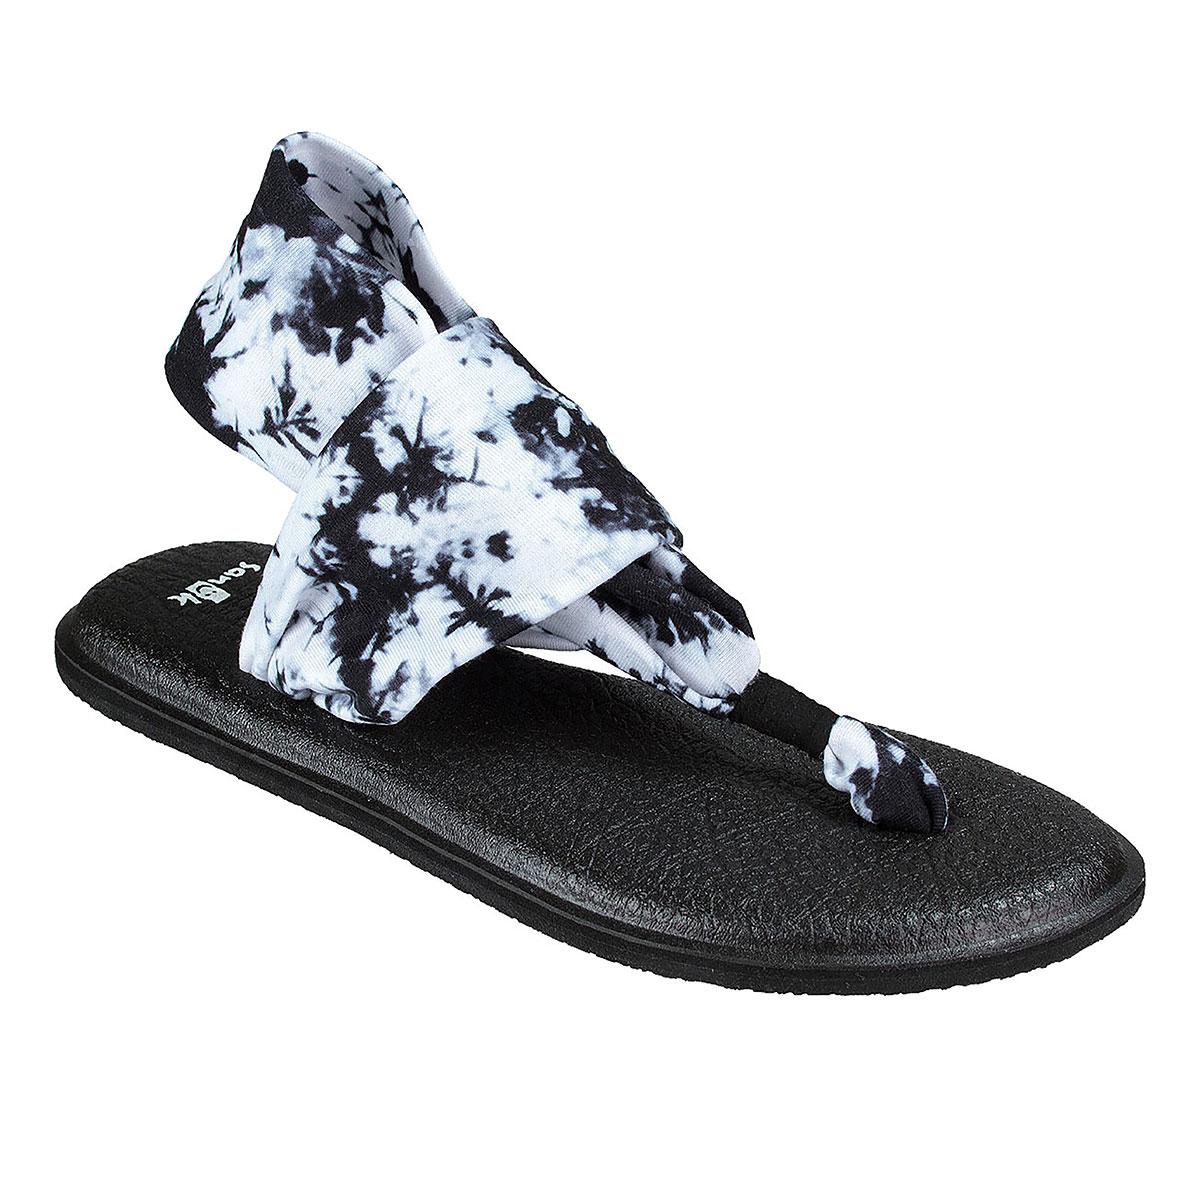 4b588beacf1e Details about Sanuk Yoga Sling 2 Prints Women s Sandals Black Tye Dye 11